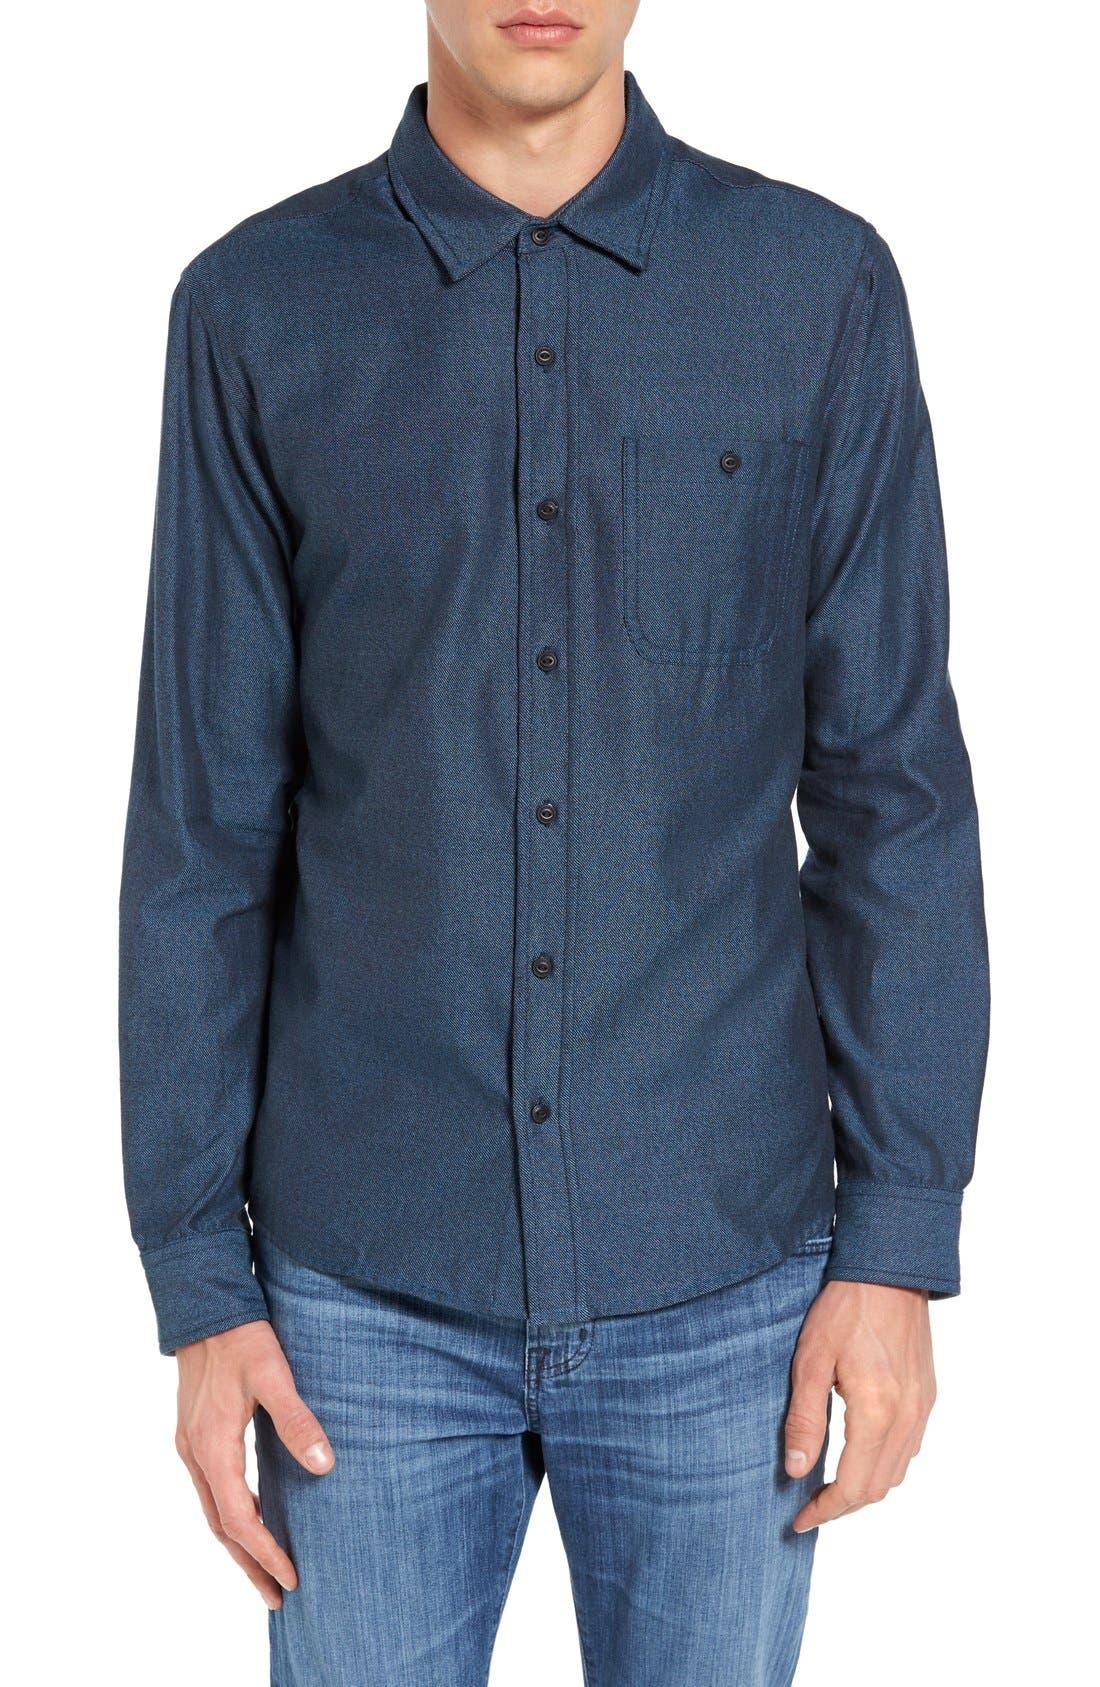 Ezekiel Reserved Woven Shirt